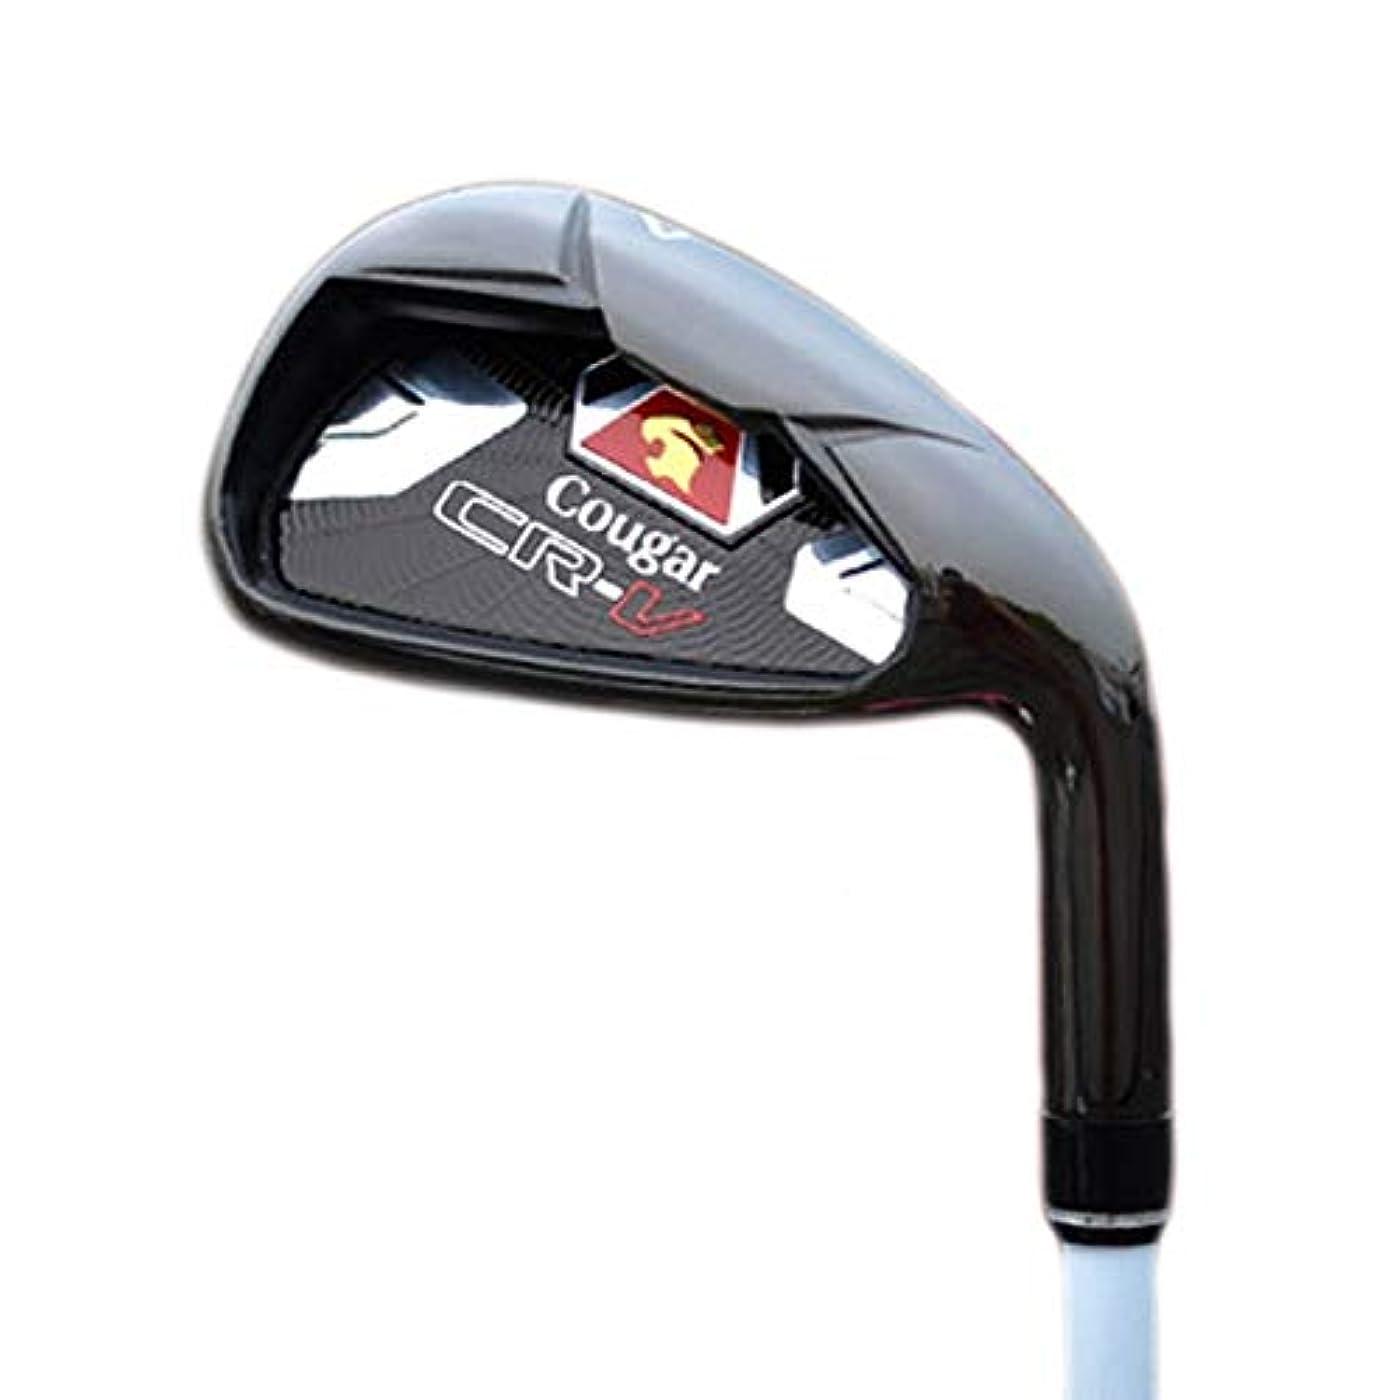 端末コスチュームパドルゴルフ用品 ゴルフクラブ練習棒(ブラック)